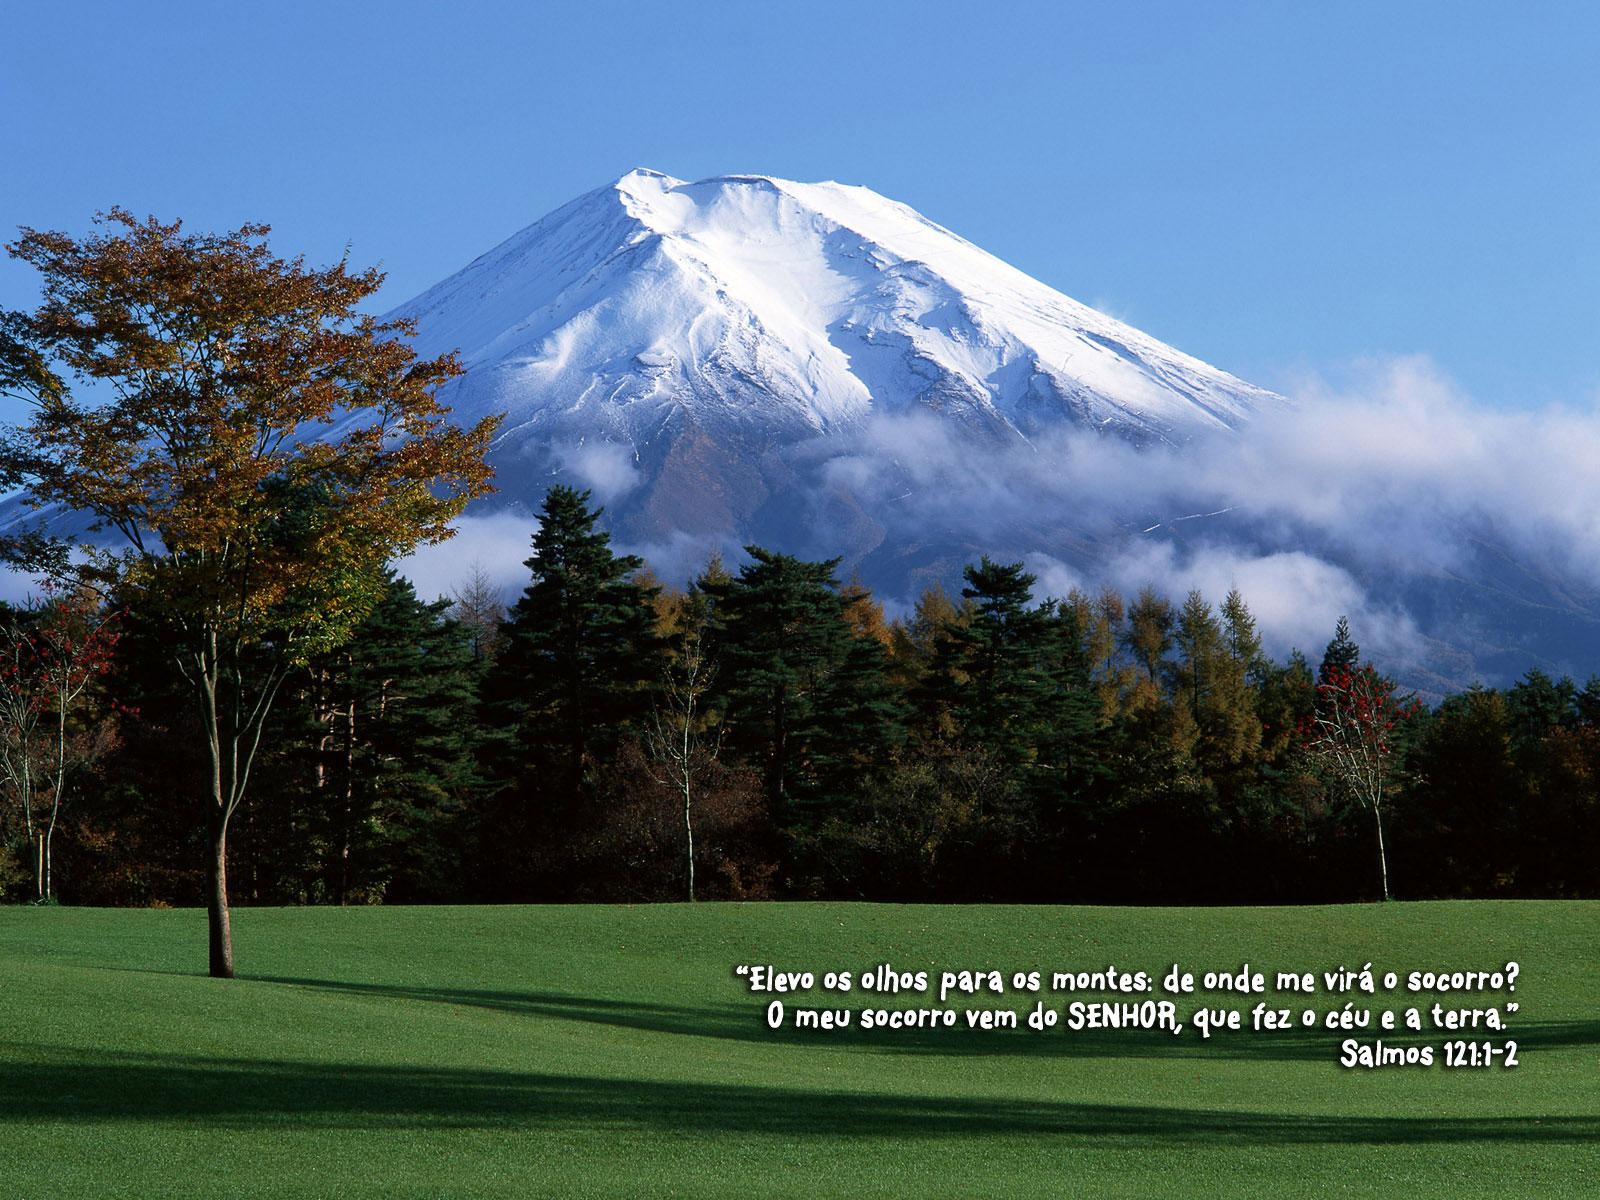 http://www.devocionaldiario.com.br/imagens/fuji_mountain.jpg